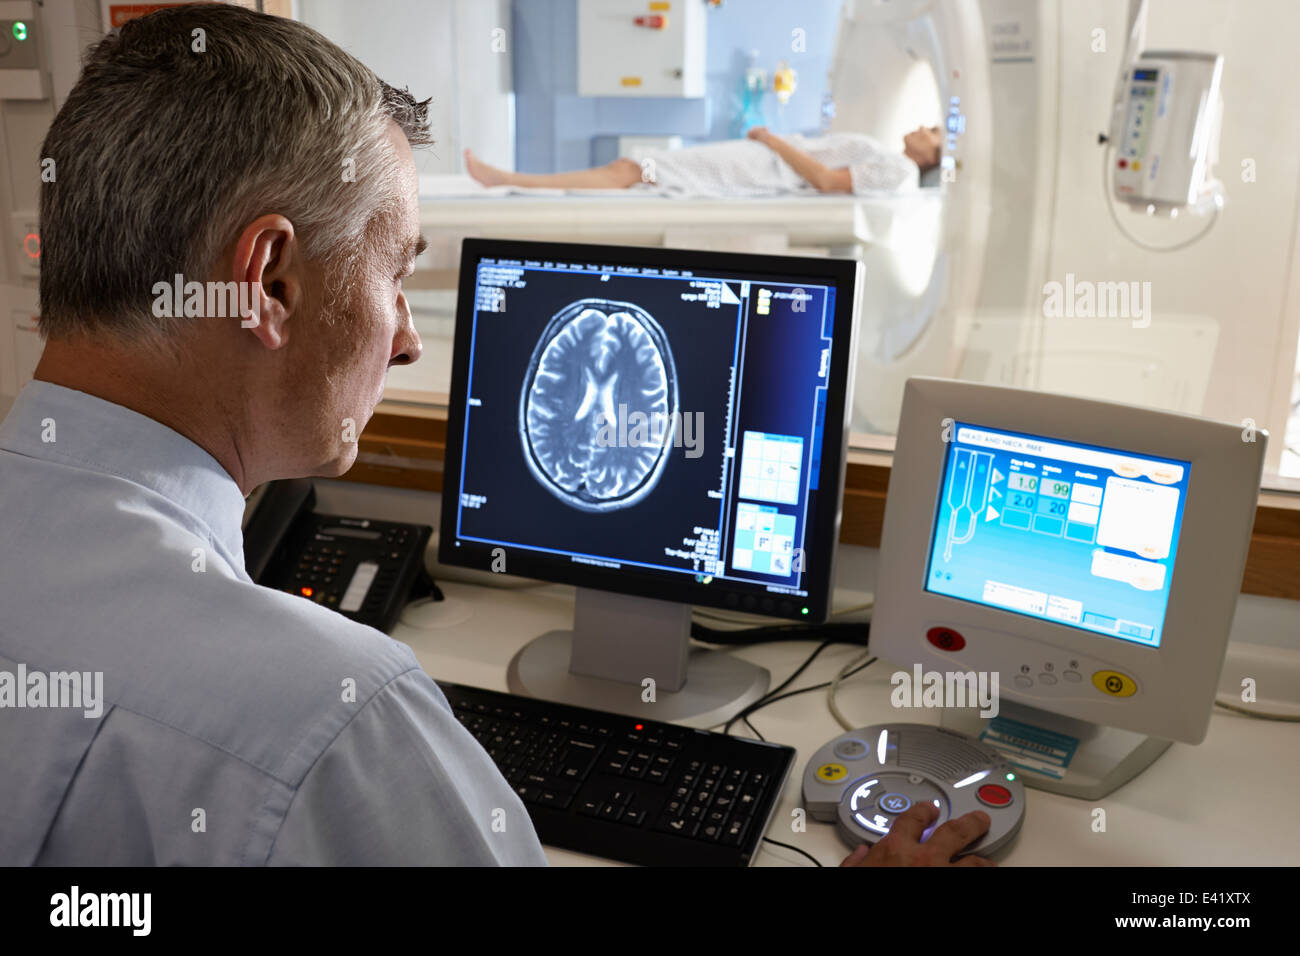 Radiologe Blick auf Gehirn-Scan Bild am Computer-Bildschirm Stockbild